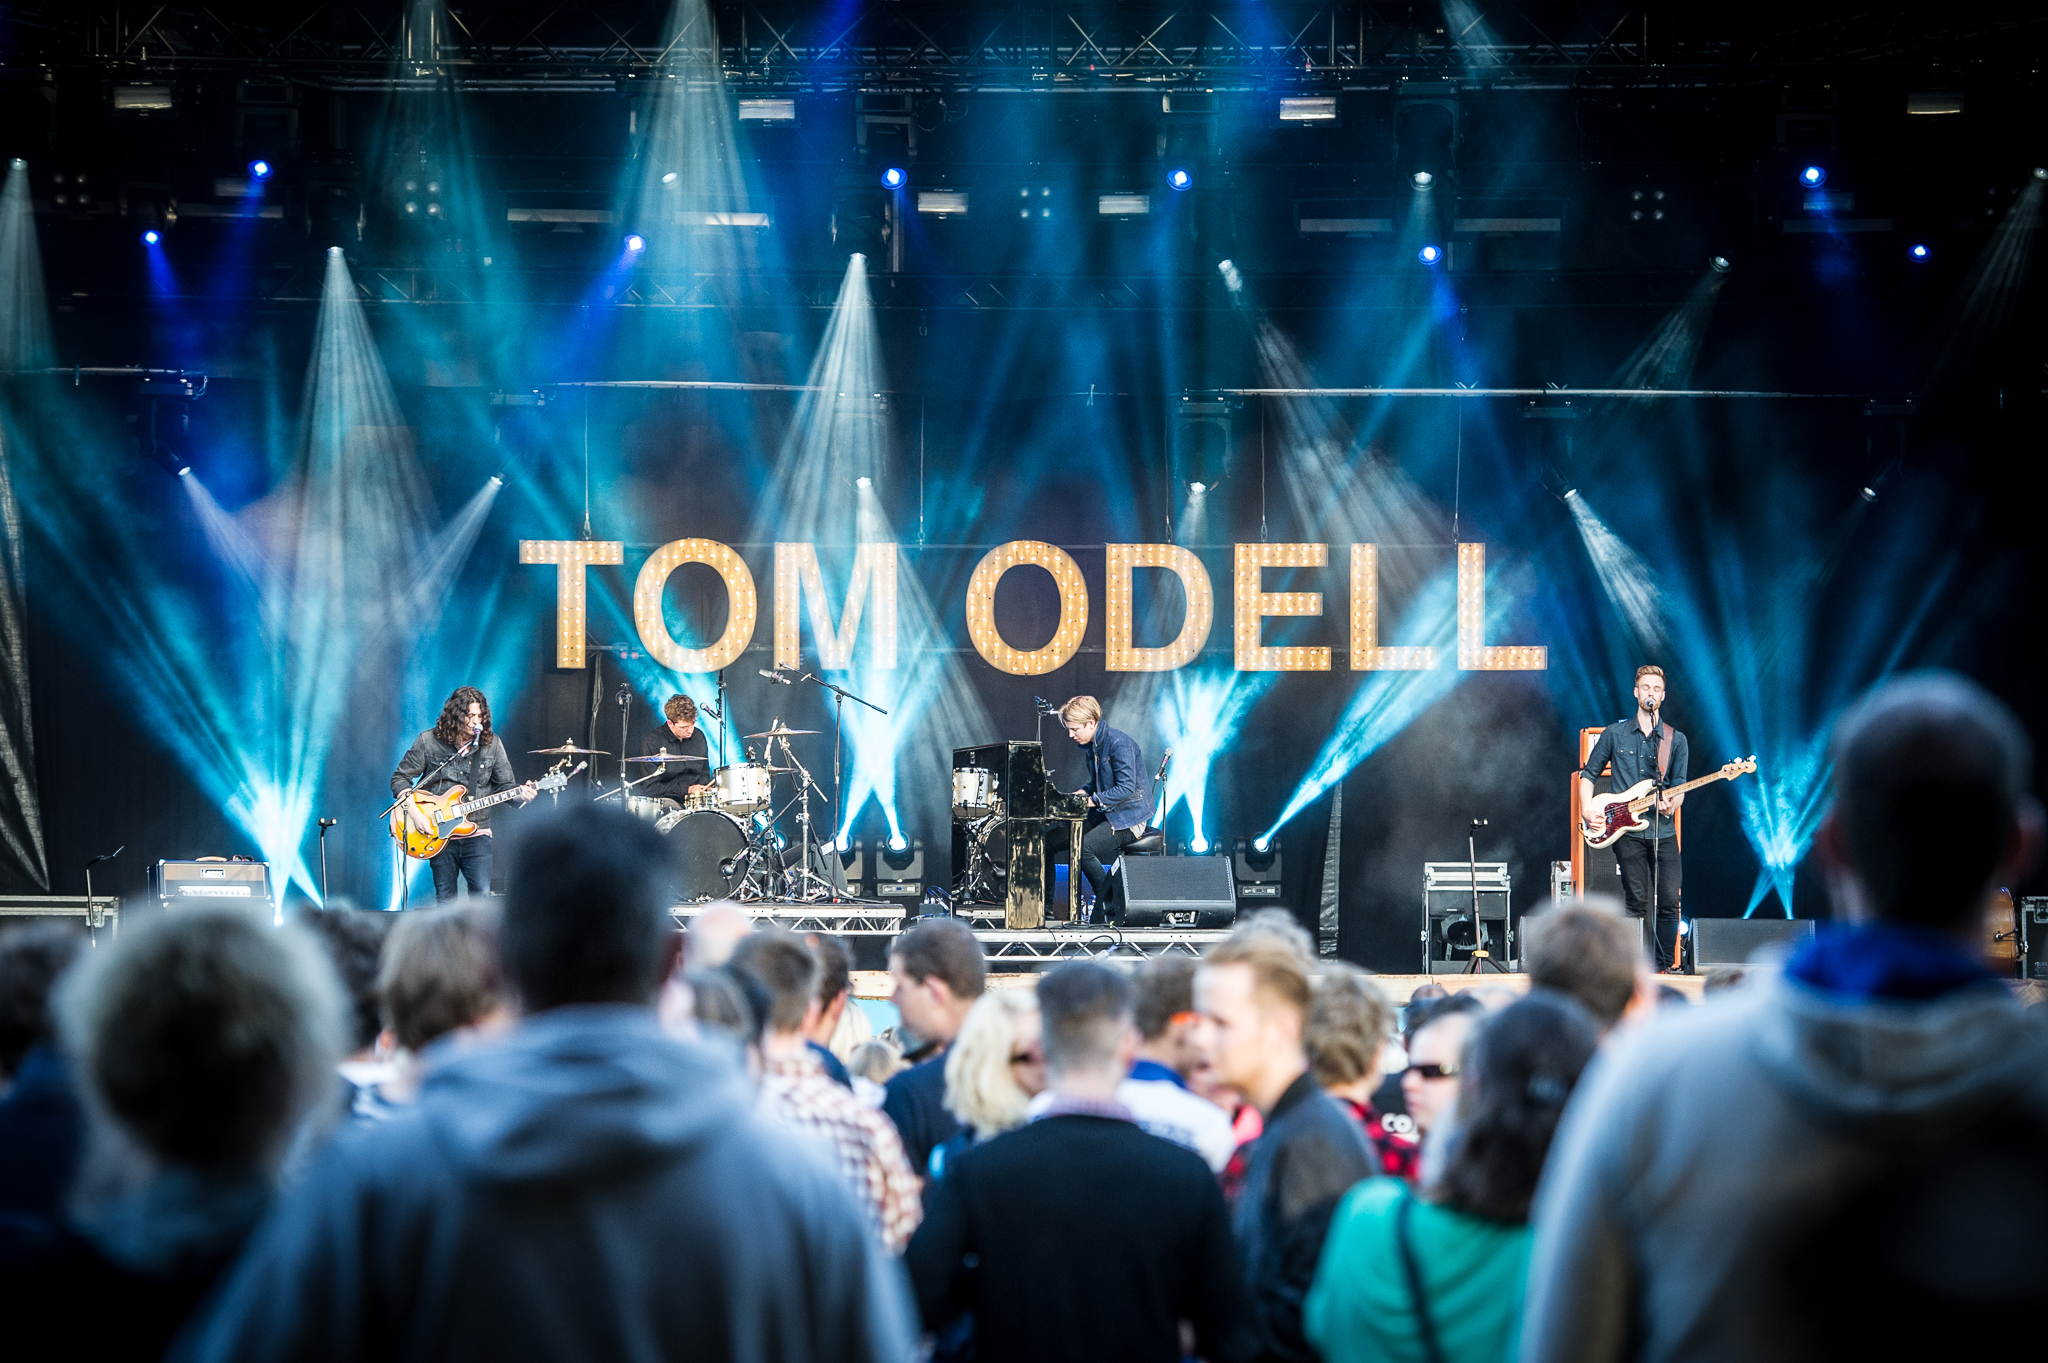 Tom Odell